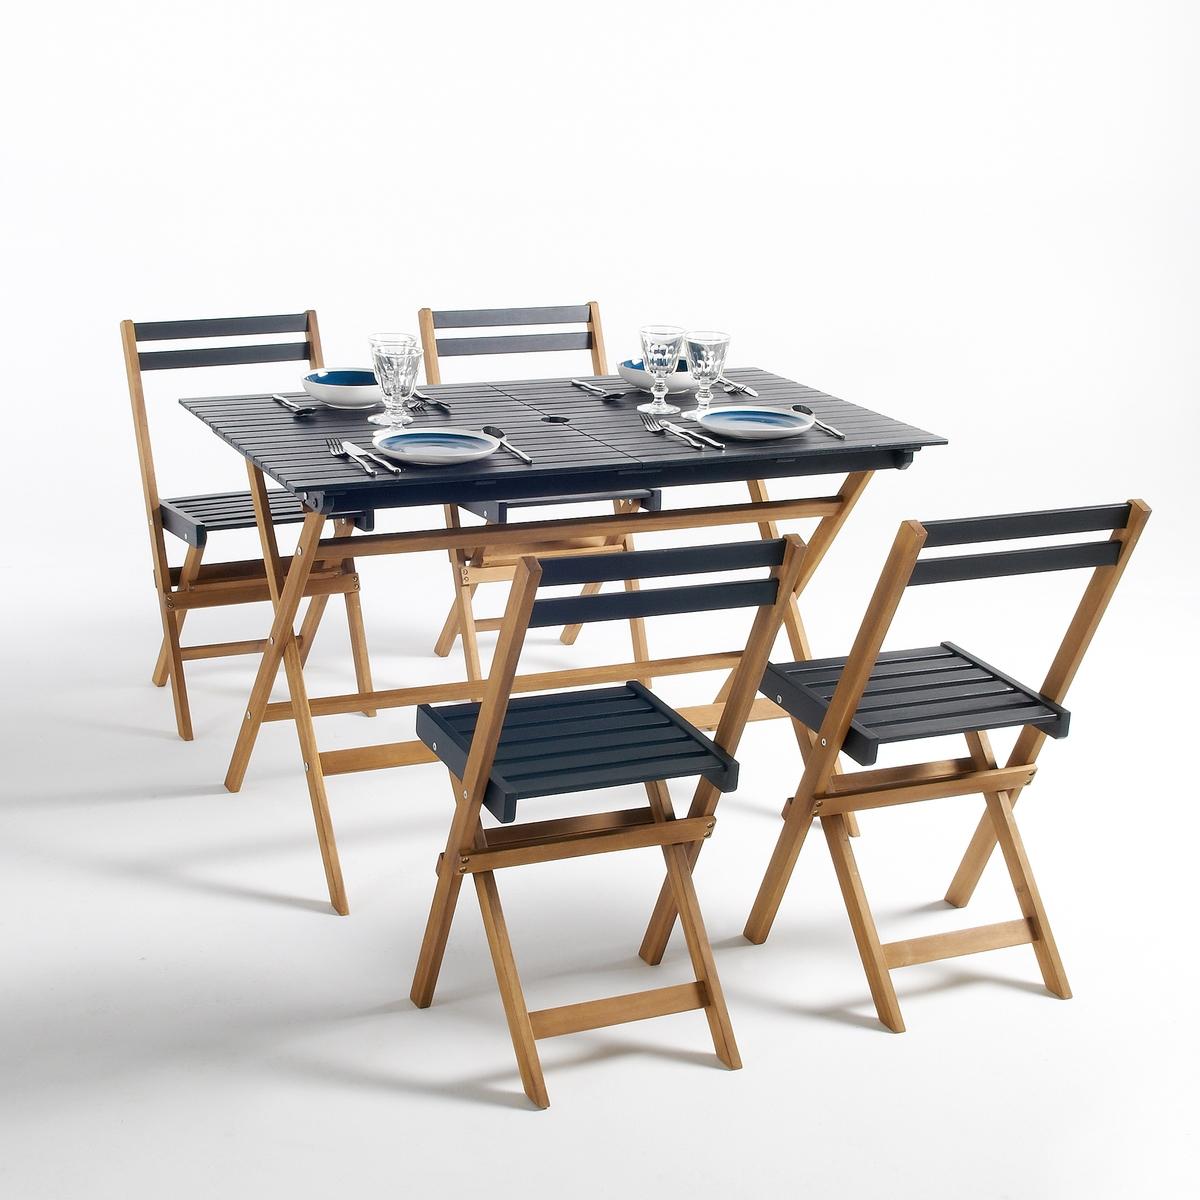 Садовый комплект из 5 предметов, MyrtonСадовый комплект из 5 предметов, Myrton акация . Практичная и красивая садовая мебель из натуральной акации Myrton идеальна для сада, террассы или балкона. Полностью складная для оптимальго хранения .Описание комплекта Myrton :Комплект состоит из 1 стола прямоугольной формы и 4 складных стульев .Отверстие посередине стола для зонтика .Характеристики комплекта Myrton :Комплект мебели из натуральной экологически чистой акации.Ножки стульев и стола под тик .Столешница + сиденье и спинка стульев черного матового цвета с покрытием глазурью .Найдите всю коллекцию садовой мебели  на сайте laredoute .ruРазмеры комплекта Myrton :Разм. общие столаШирина : 120 смВысота : 70 смГлубина : 75 смРазм. стула Ширина : 43,5 см.Высота : 80 смГлубина : 42 см.Сиденье : 33 x 37,4 x 54 см Размеры и вес упаковки :1 упаковка 126 x 92,5 x 20 см 23 кг Доставка :Комплект мебели из 5 предметов Myrton продается готовым к сборке . Доставка осуществляется до квартиры по предварительной договоренности.Внимание! Убедитесь в том, что товар возможно доставить на дом, учитывая его габариты(проходит в двери, по лестницам, в лифты).<br><br>Цвет: черный<br>Размер: единый размер